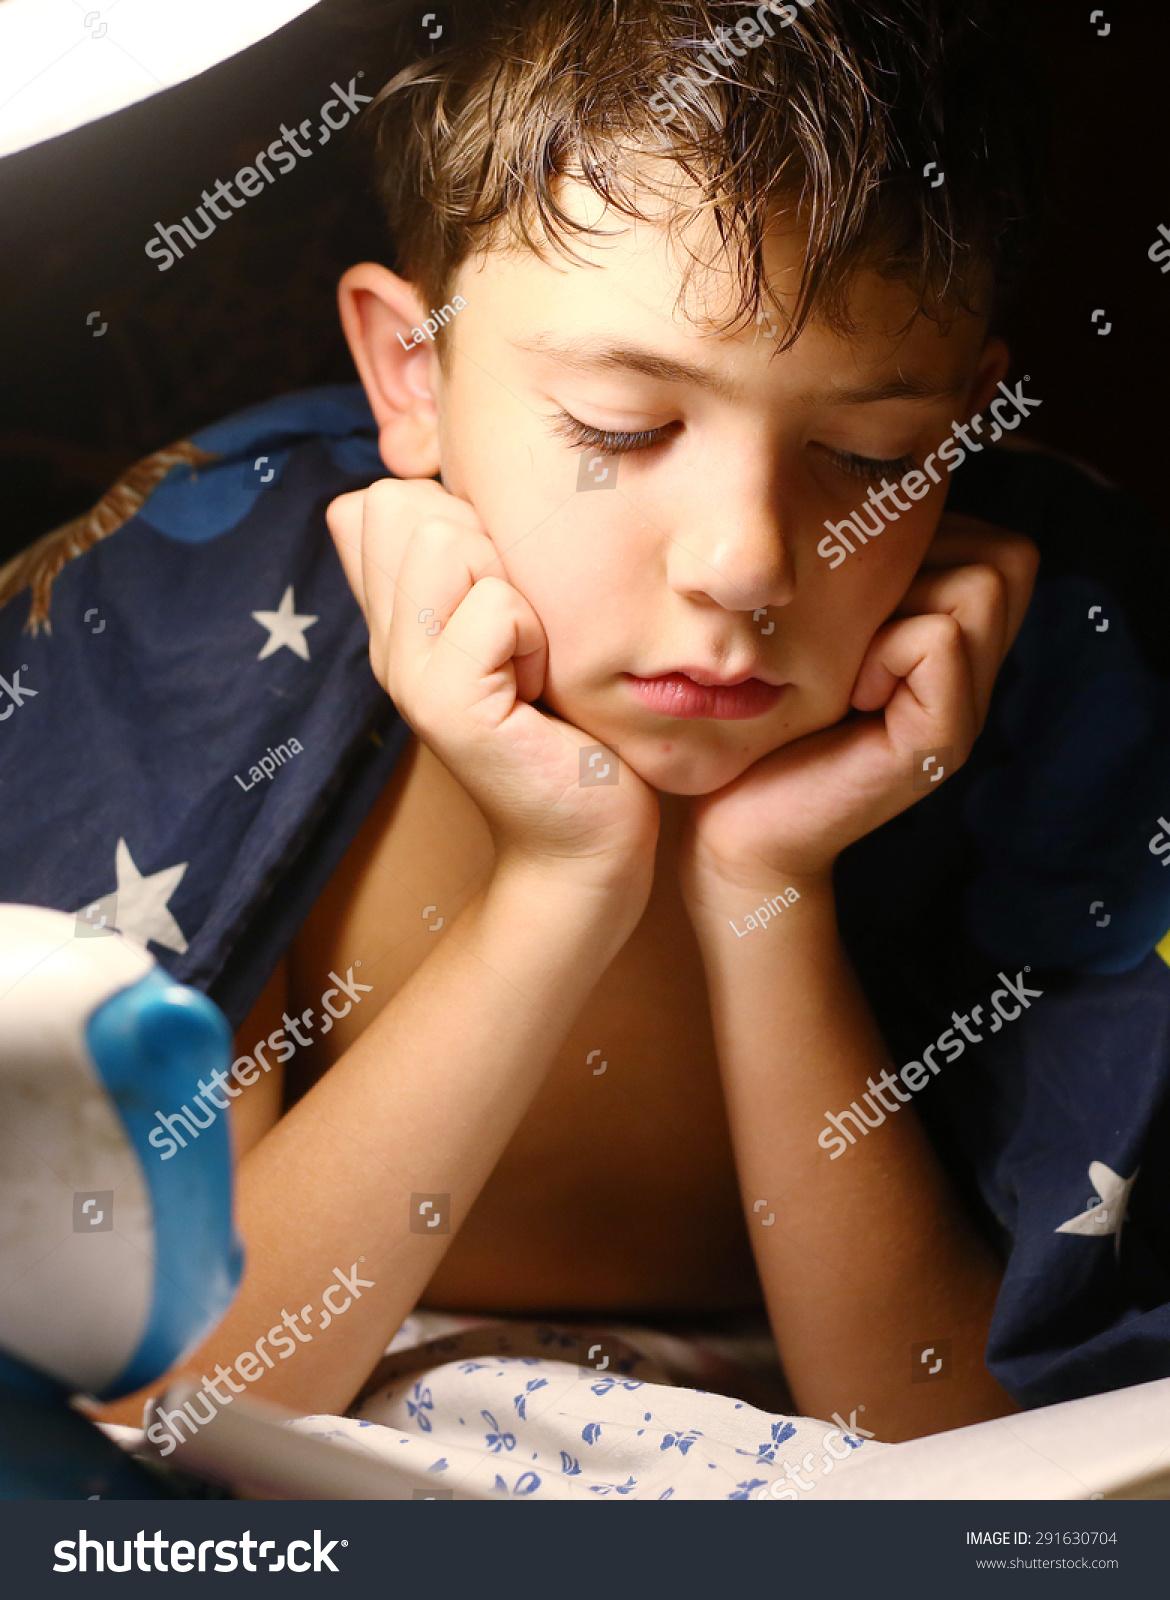 青春期前的帅哥与灯睡觉前读书-教育,人物-海洛创意()